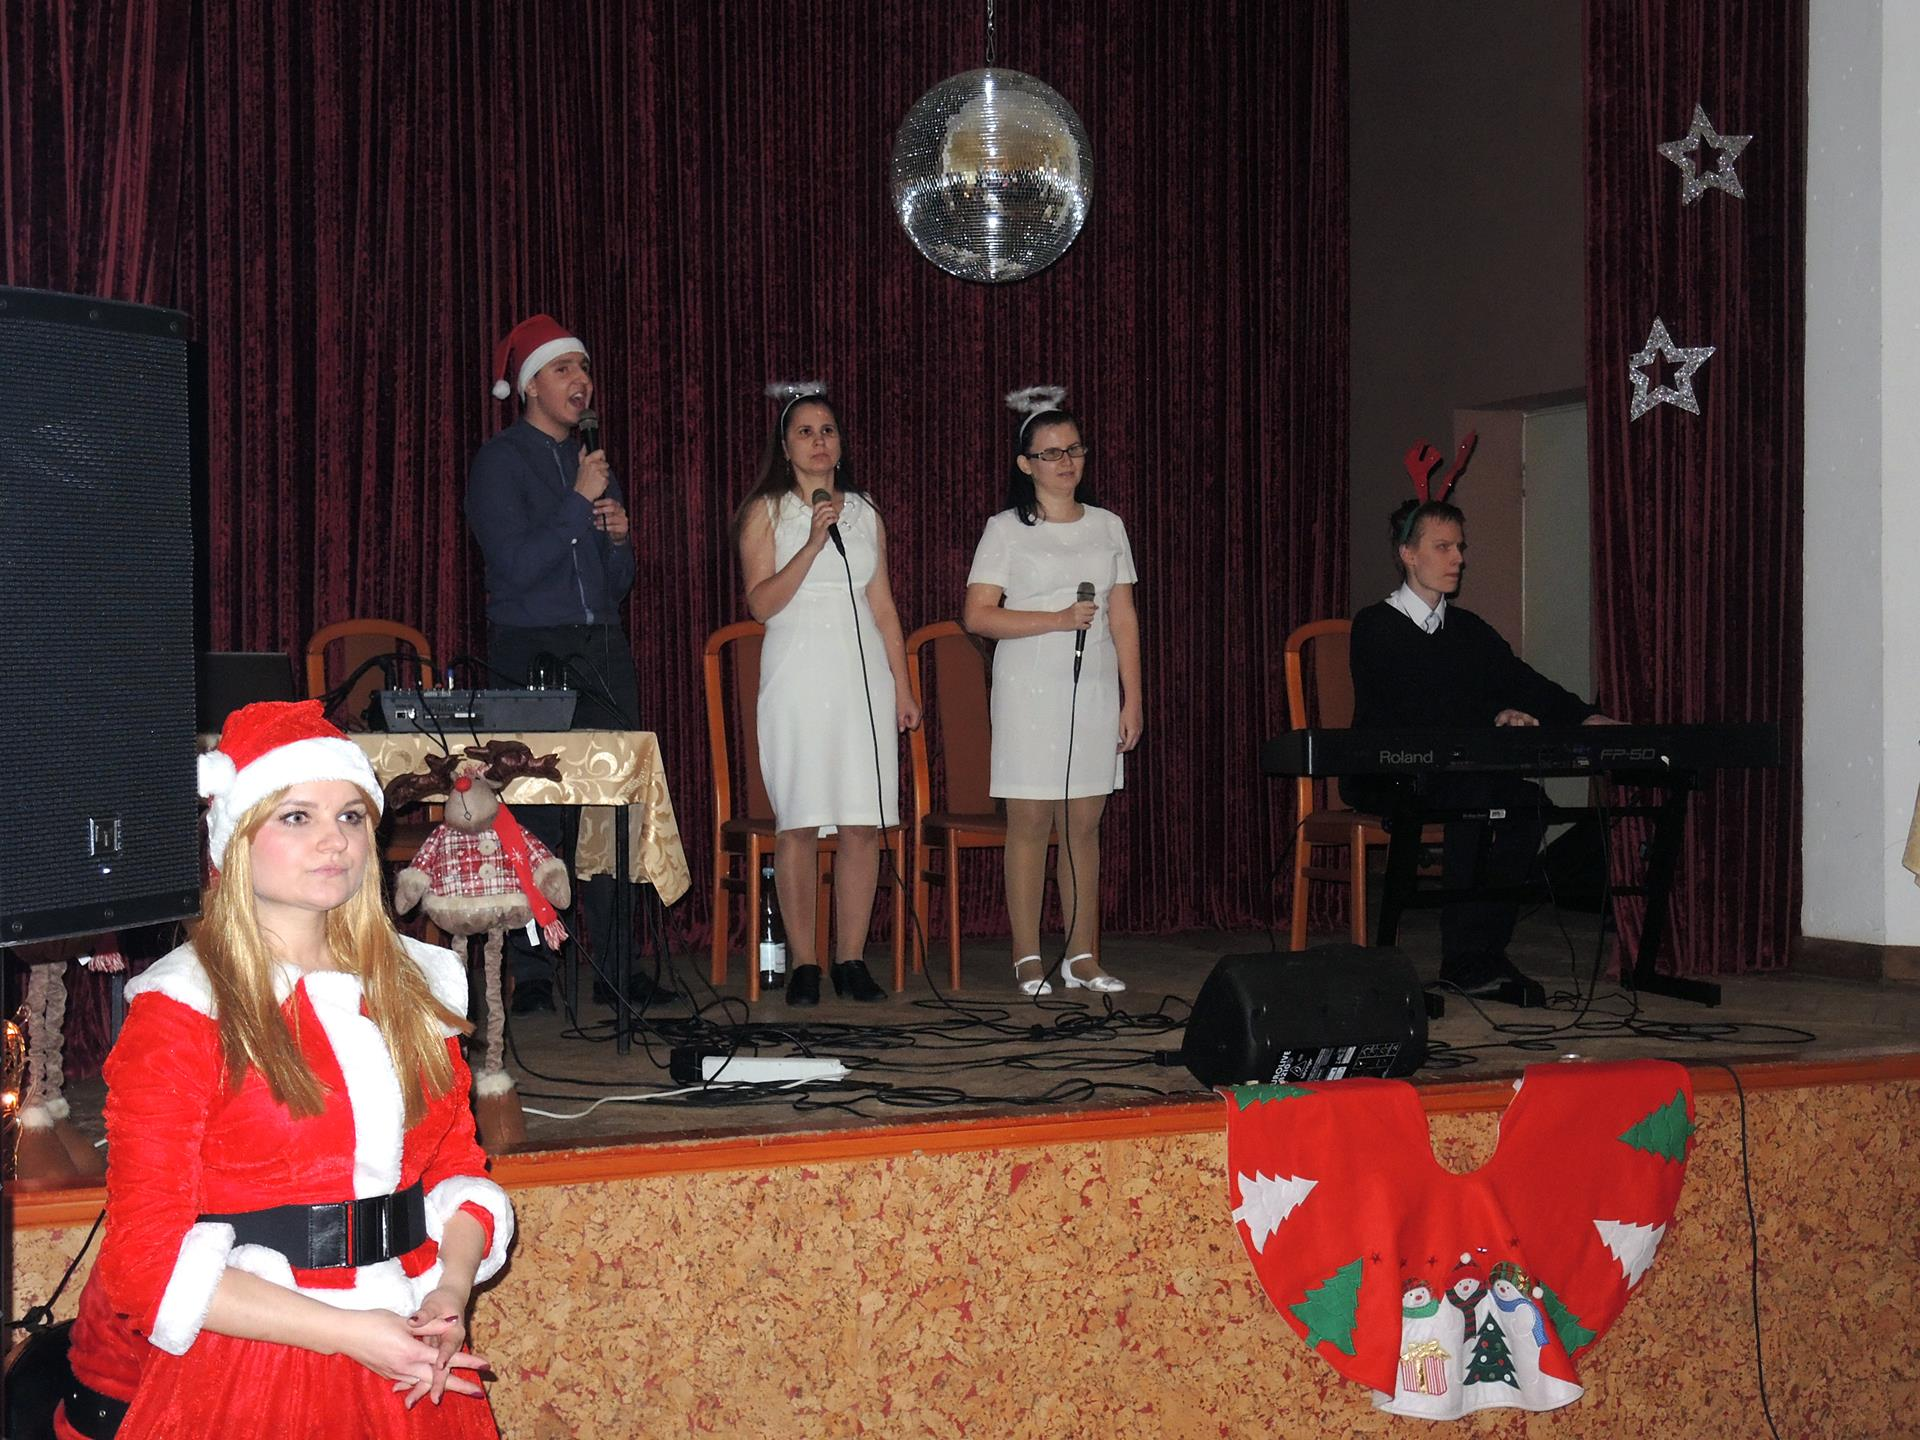 Na scenie znajdują się  cztery osoby – dwóch mężczyzn, dwie kobiety. Mężczyzna znajdujący się na scenie po prawej stronie gra na klawiszach, pozostali stoją, trzymają w dłoniach mikrofony. Wszyscy mają na sobie drobne akcenty mikołajowe. Pod sceną stoi pani, która jest przebrana za Mikołajkę.